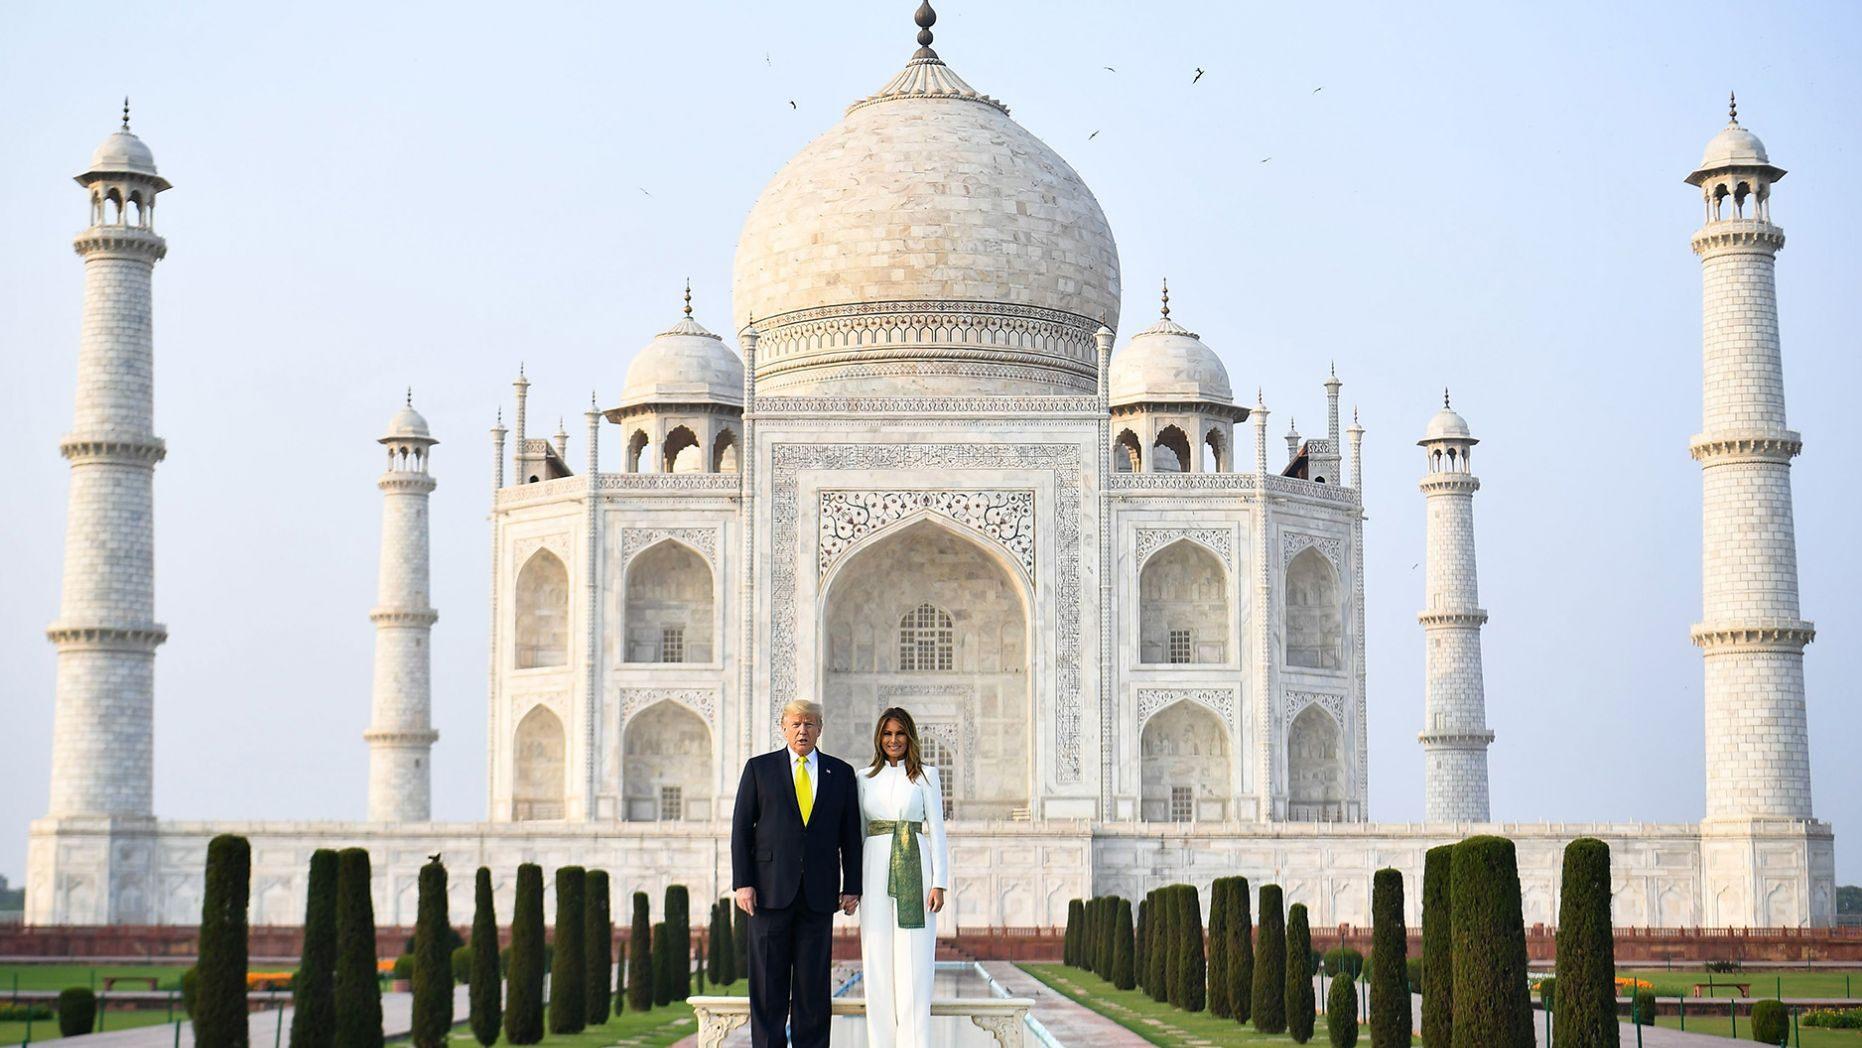 Trump Melania Taj